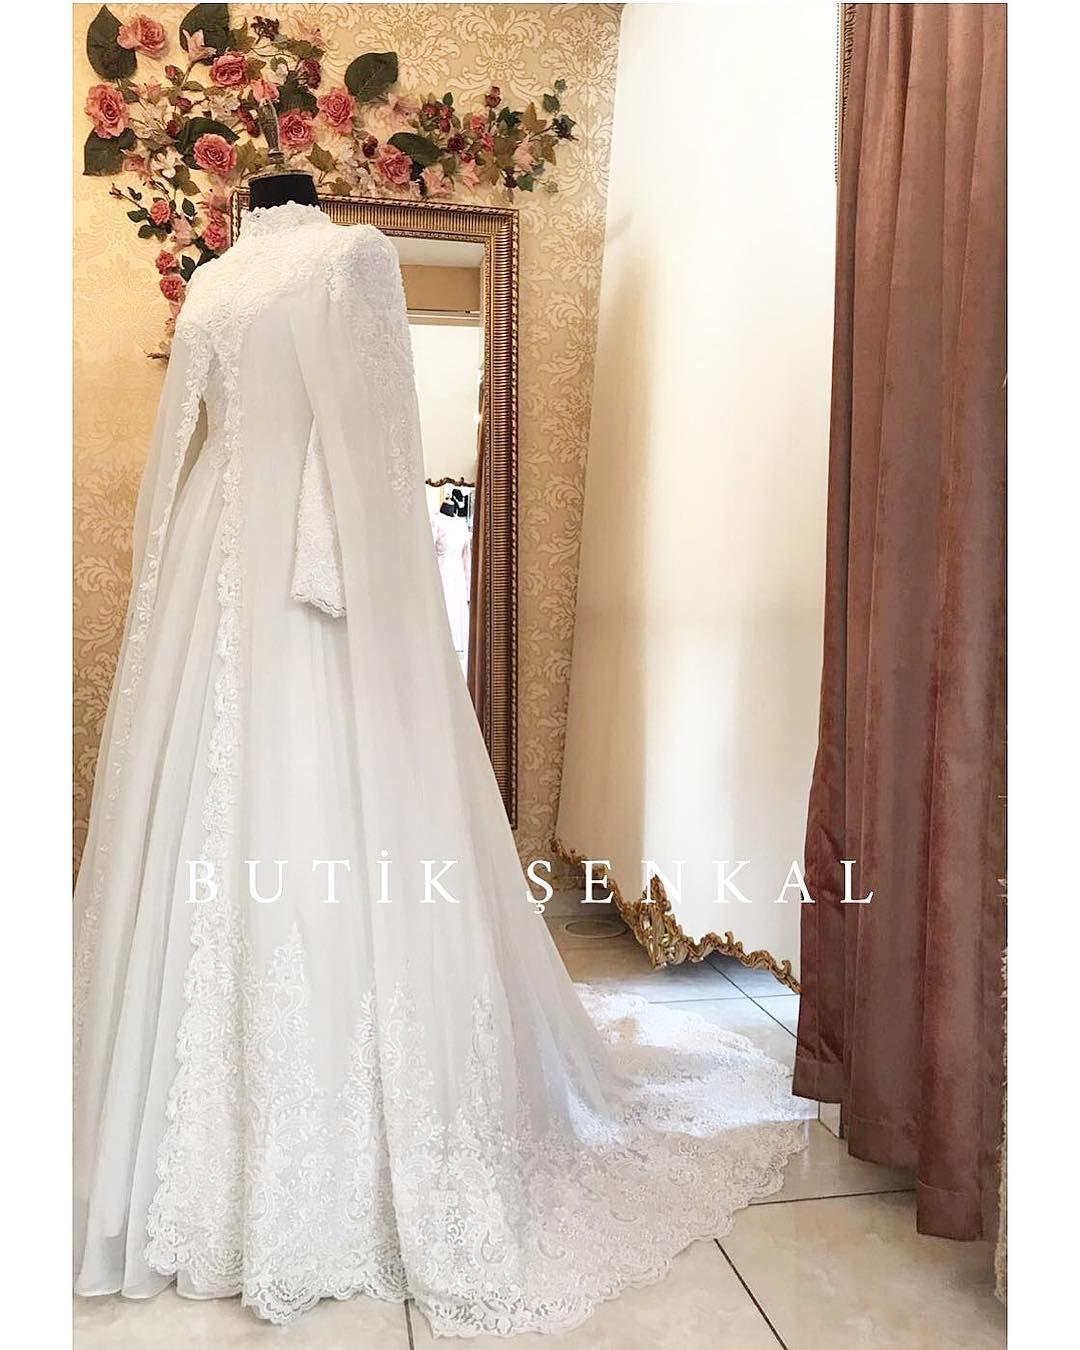 """Photo of ŞENKAL COUTURE on Instagram: """"Büşra Sultan 🌷Her defasında en güzeline niyet ile… #hayırlıcumalar 🌷 ŞENKAL COUTURE en mutlu günlerinizde hayallerinizi Şenlendirmek için…"""""""